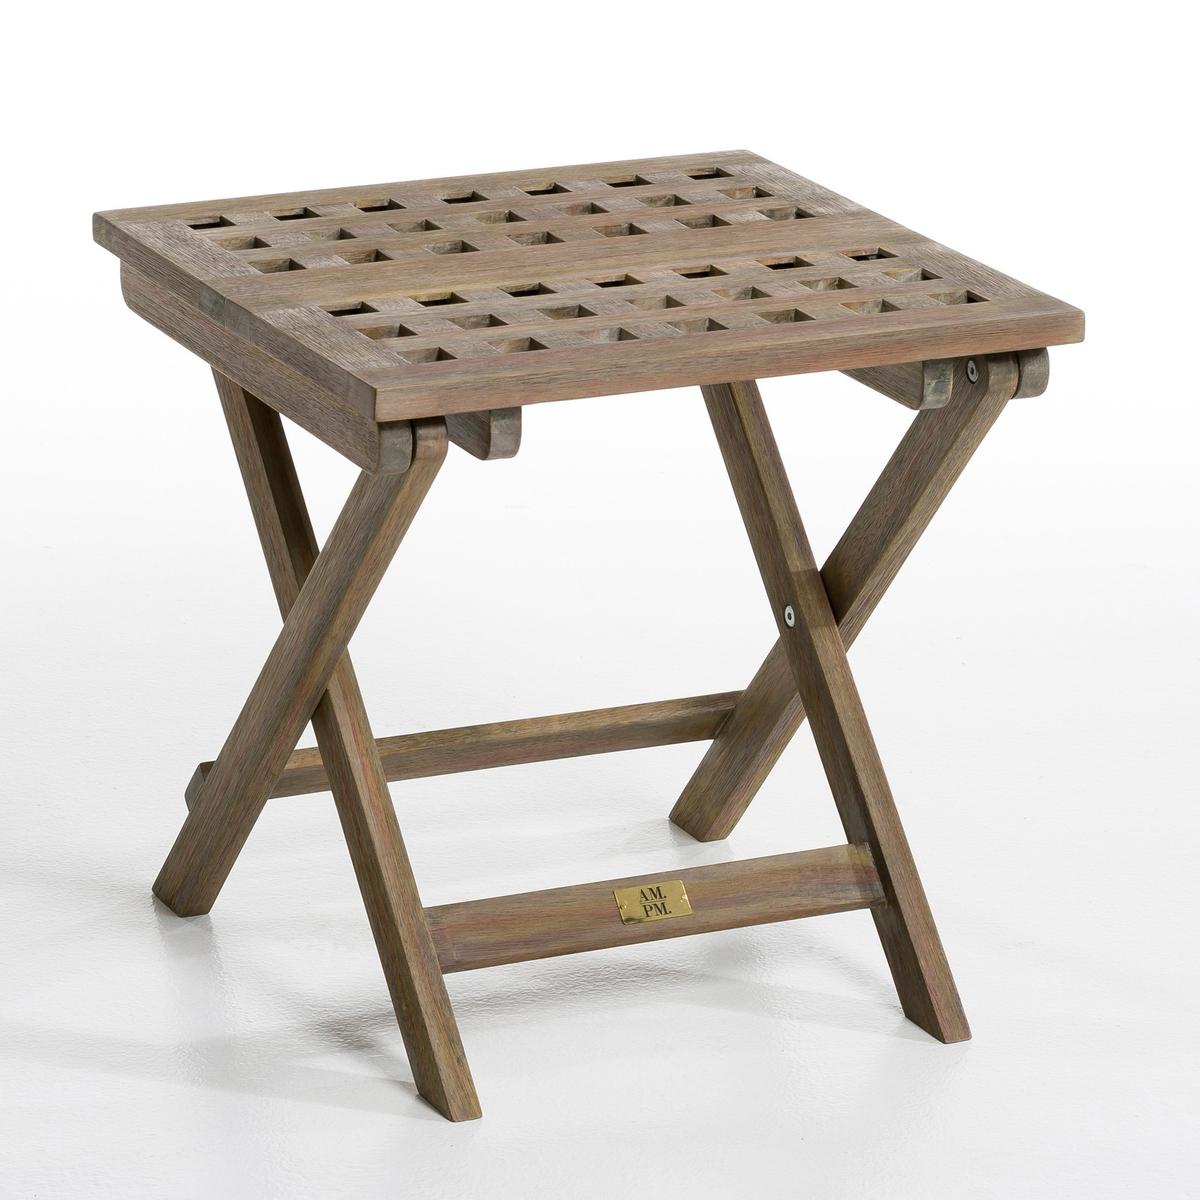 Столик садовый складной, Meltem садовый хозблок в спб